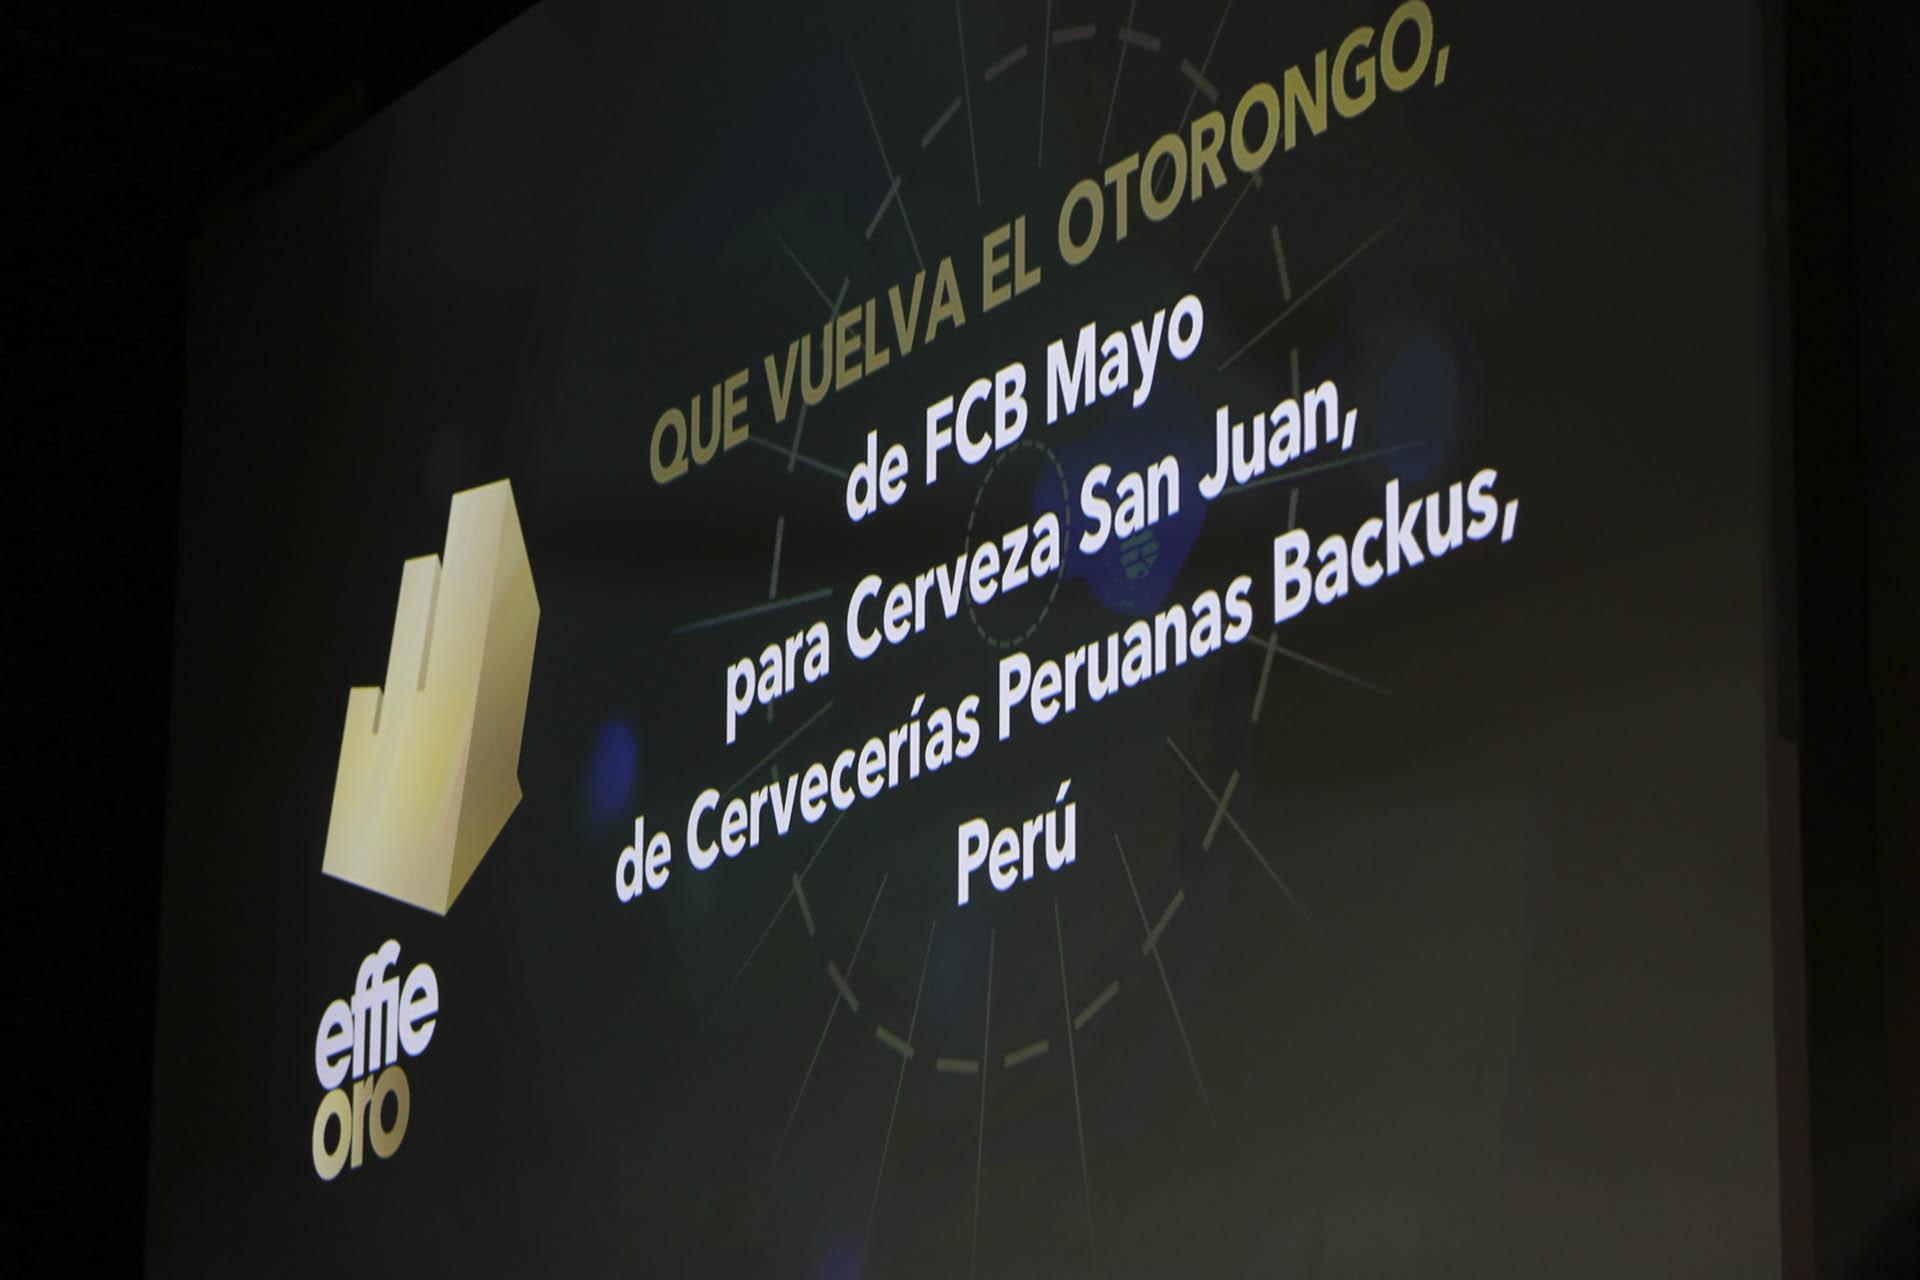 """Effie de Oro en la categoría """"Buenas causas marcas"""":Que vuelva el Otorongo, de FCB – Mayo para Cerveza San Juan de Cervecerías Peruanas Backus, Perú"""